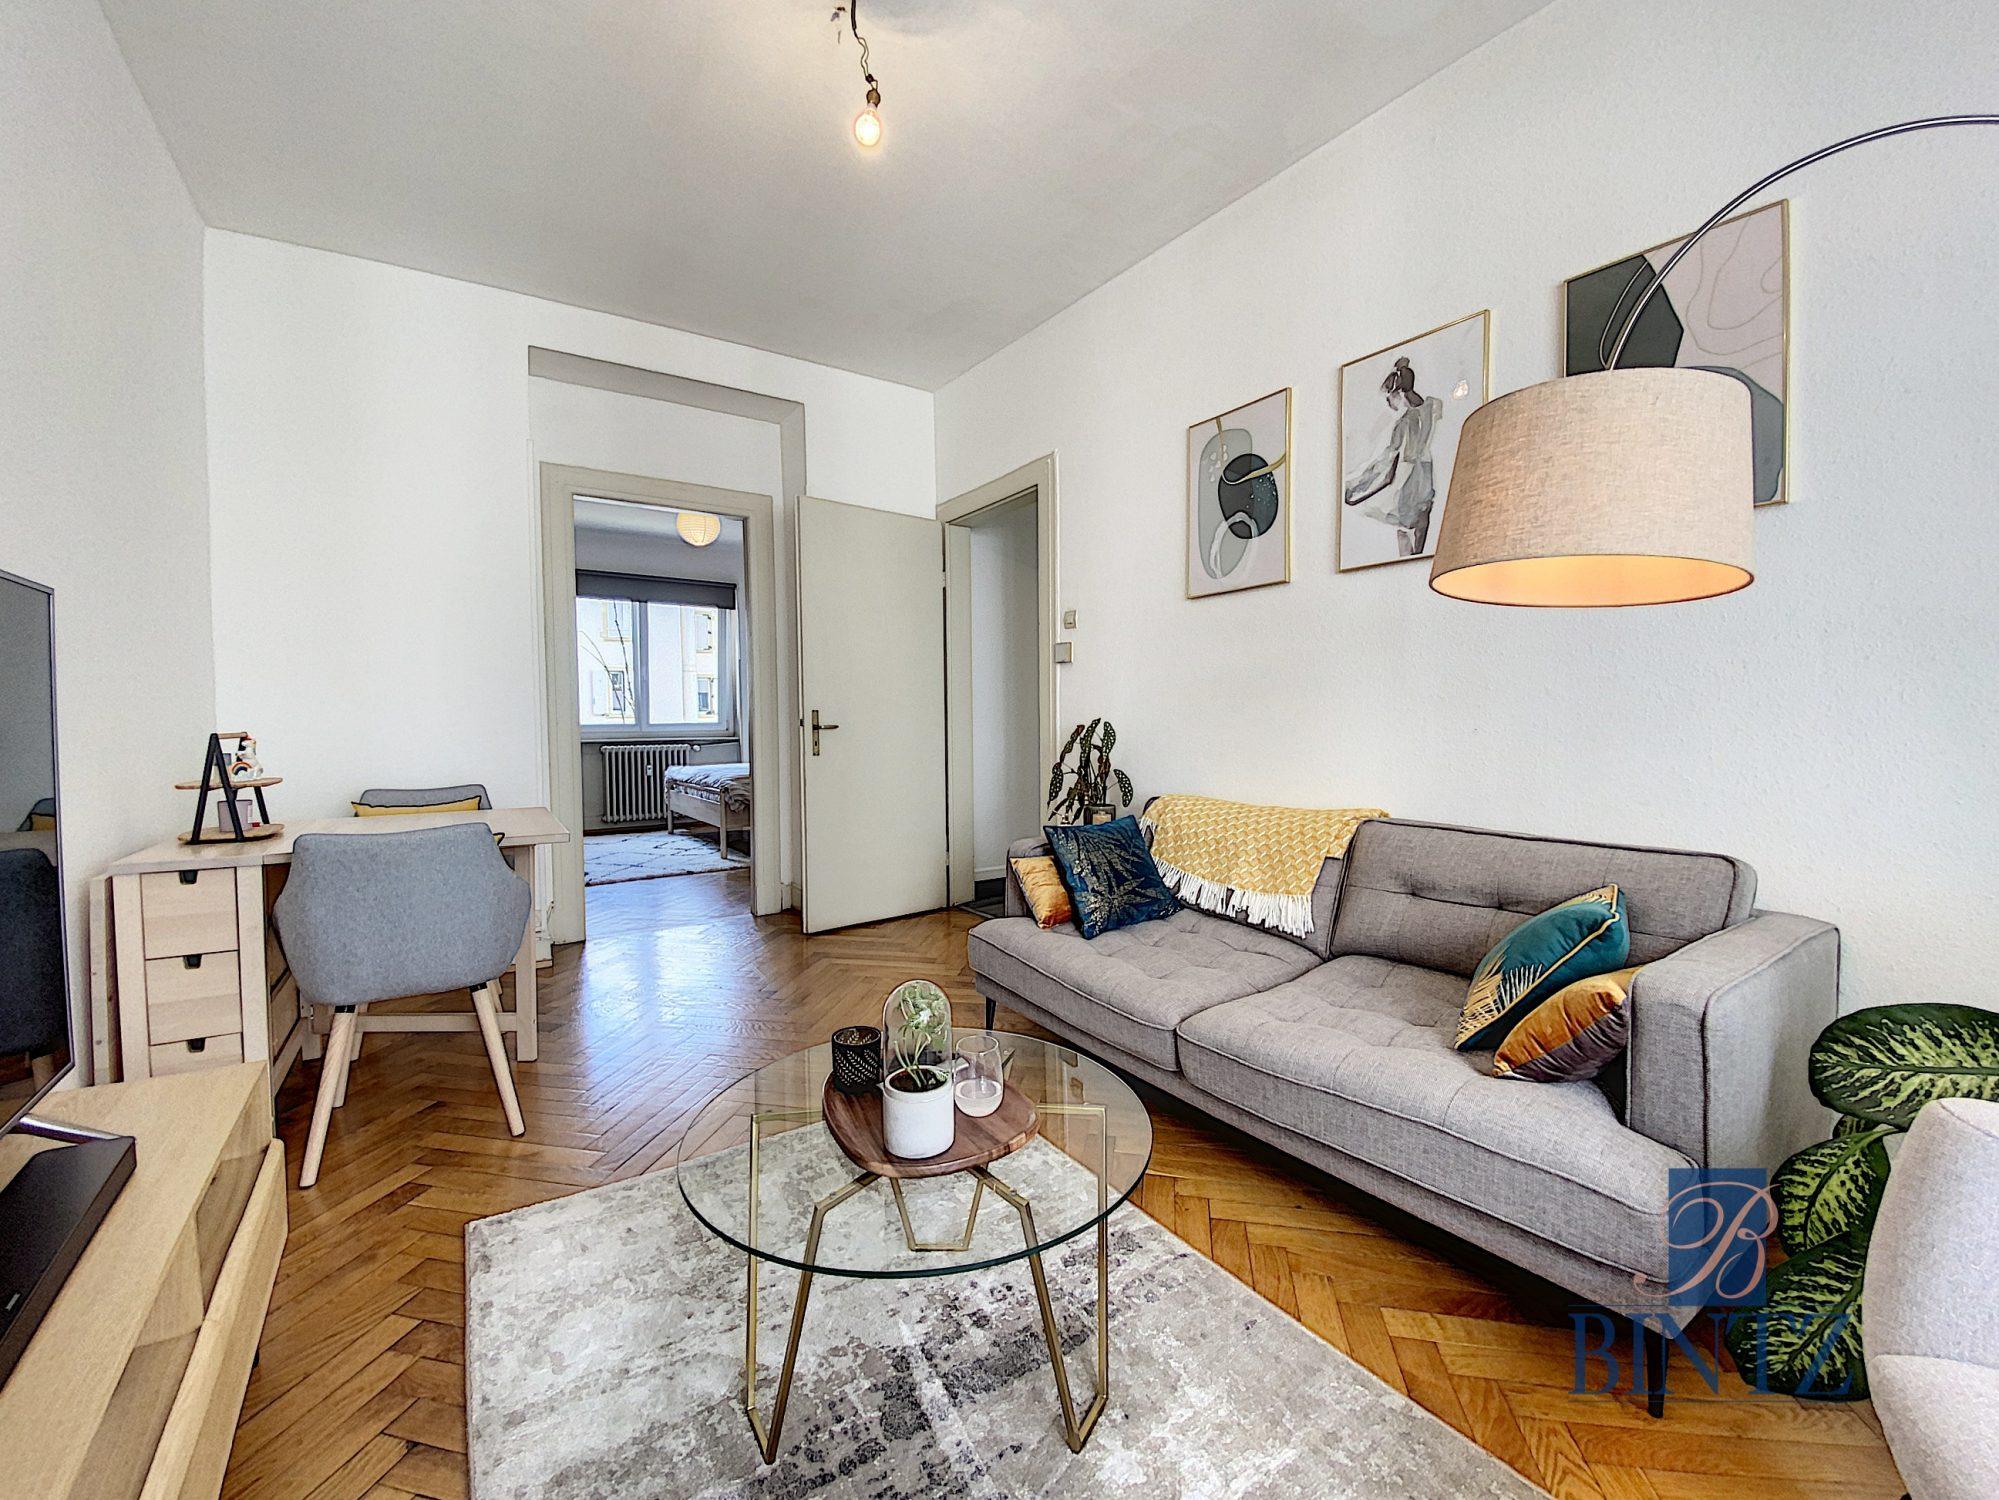 2 PIECES AVEC BALCON KRUTENAU - Devenez locataire en toute sérénité - Bintz Immobilier - 7